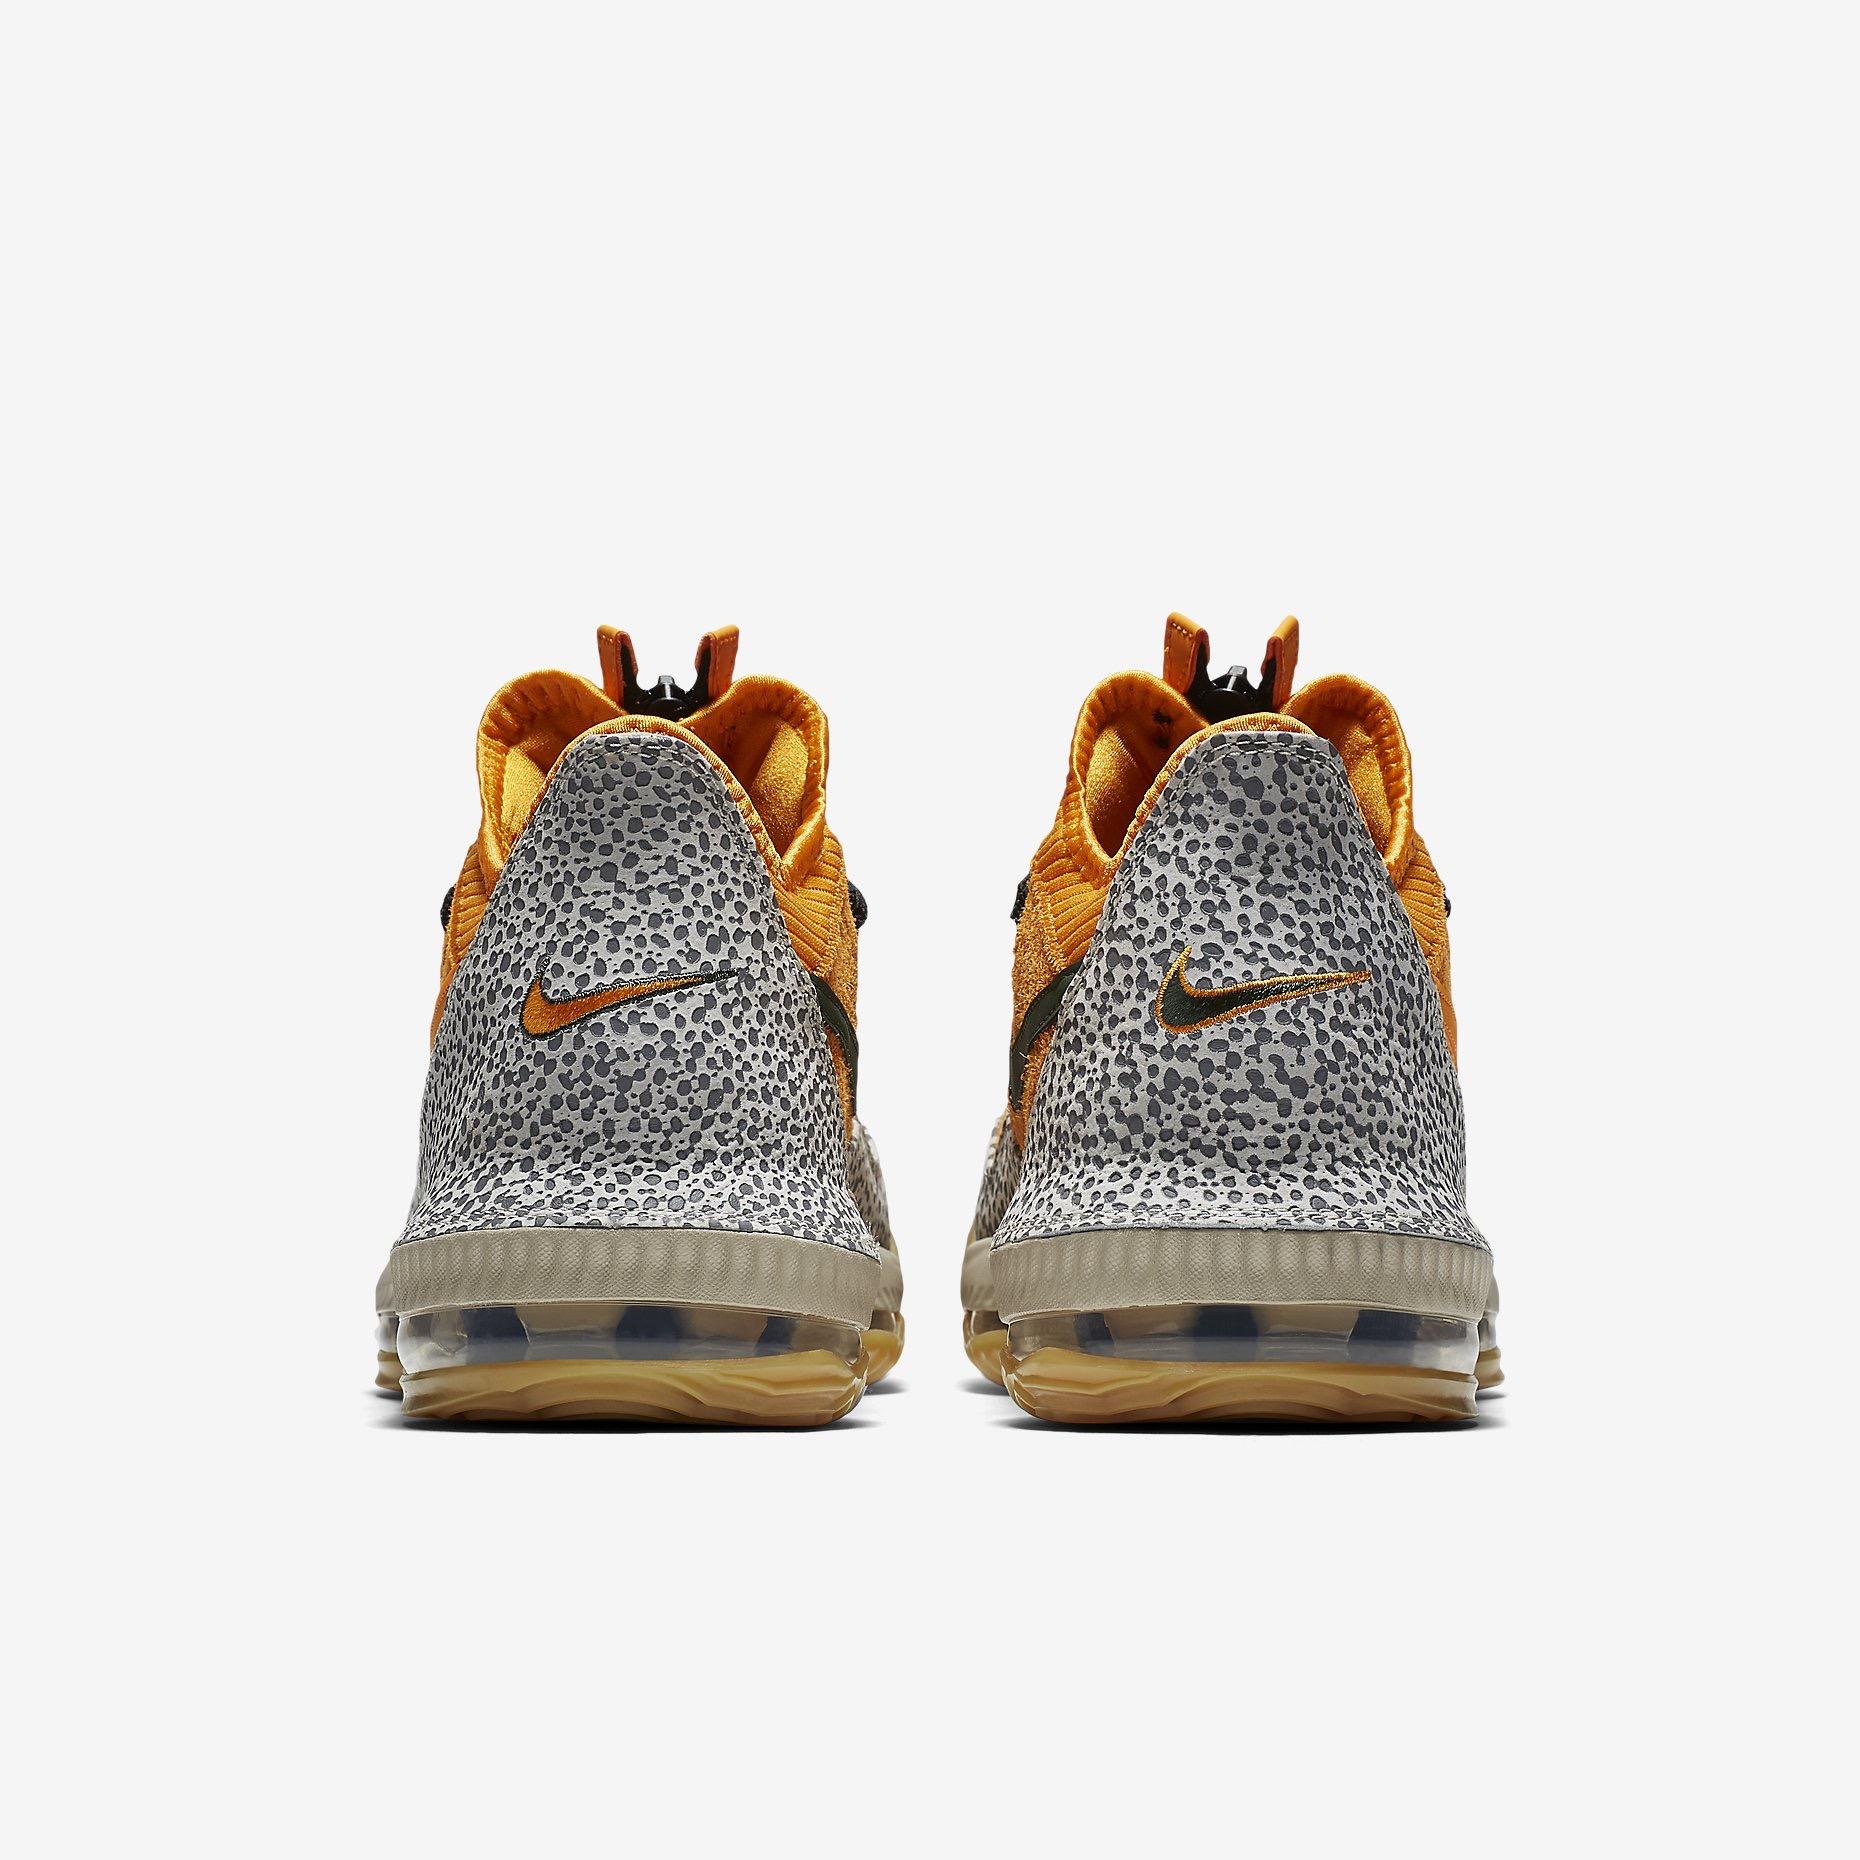 b8e98001883 Une réinterpréation de la Nike Lebron 16 avec le coloris de la Nike Air Max  1 Safari d Atmos.